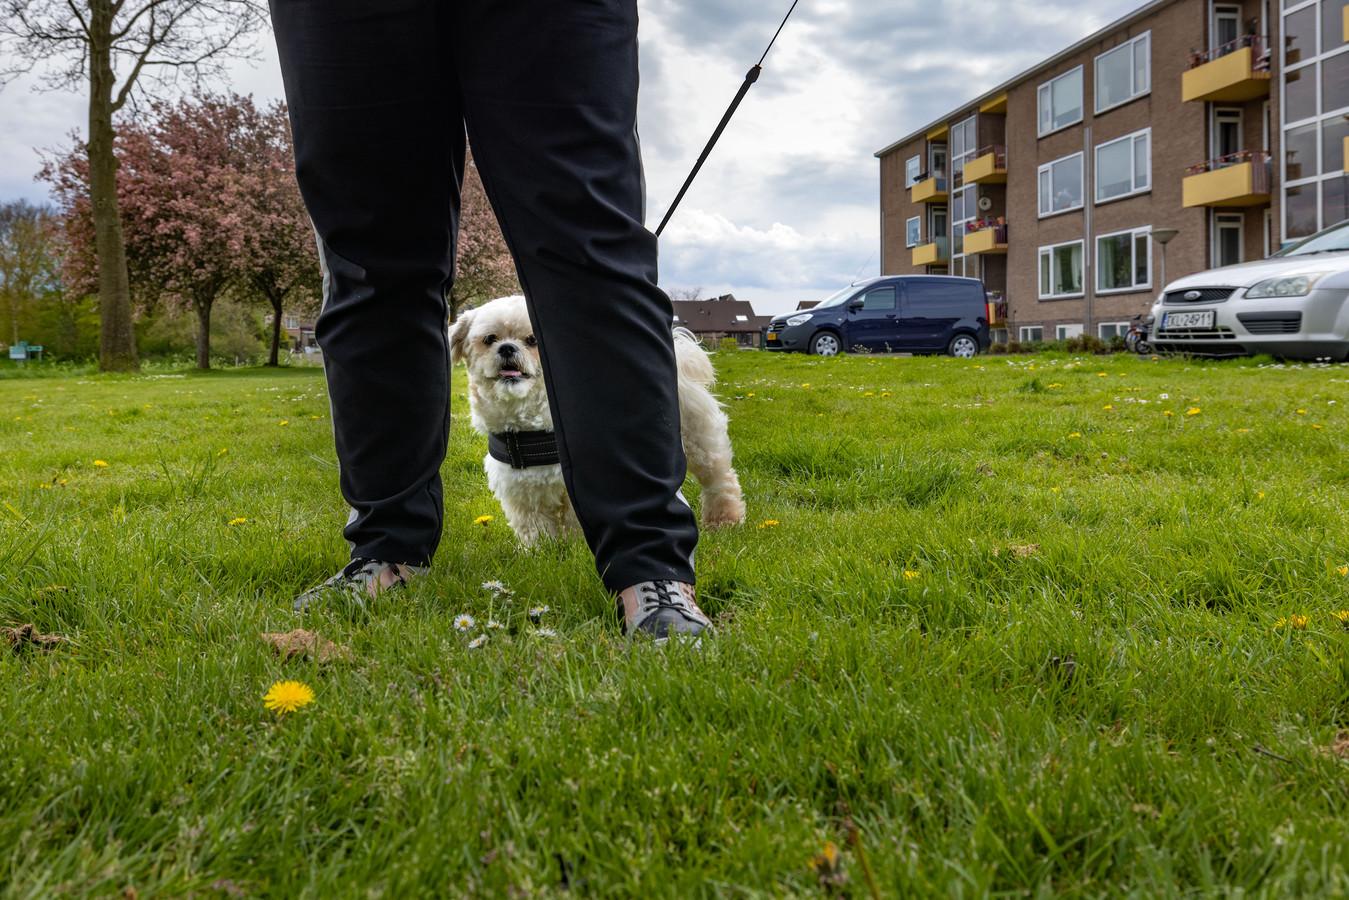 Op een grasveldje aan de Schoenerstraat in Emmeloord zijn op twee verschillende momenten hondenpoten gevonden. De hond leefde waarschijnlijk nog op het moment dat poten zijn afgehakt.